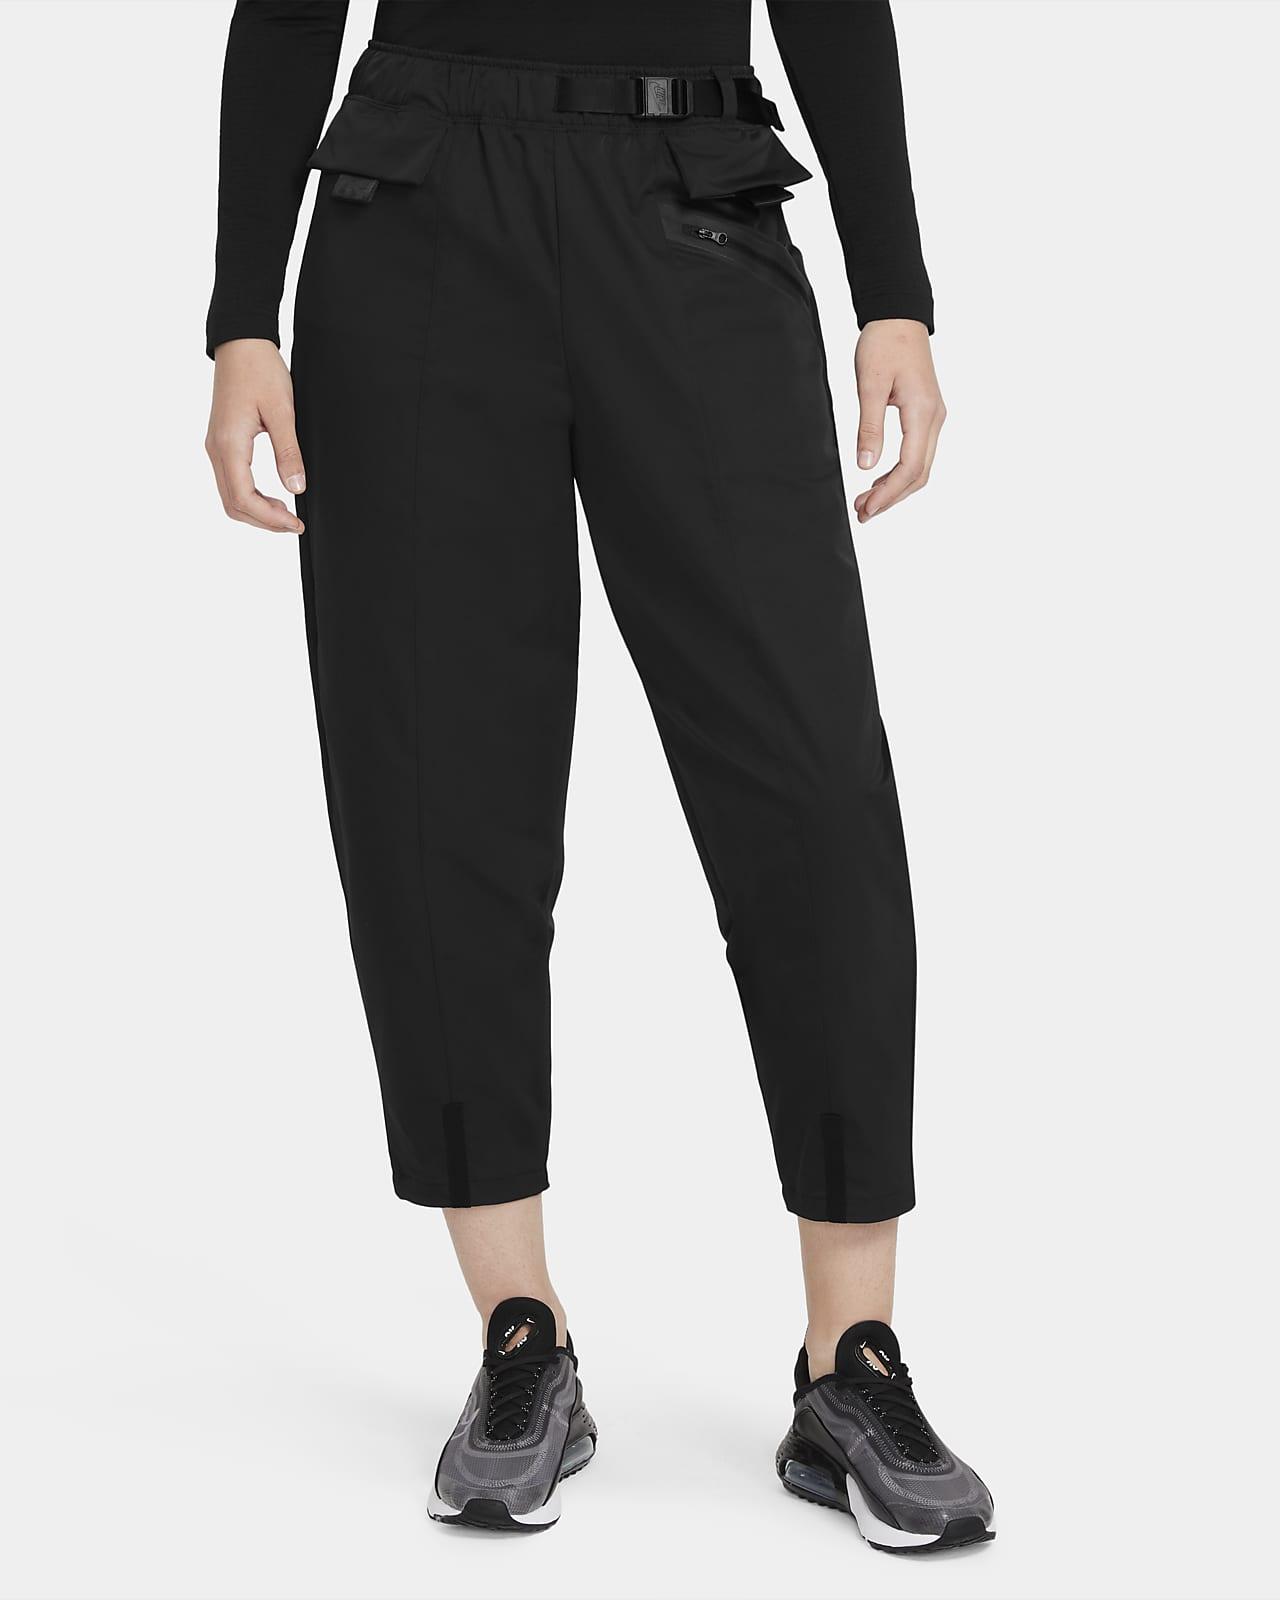 Nike Sportswear Tech Pack Women's Curve Woven Trousers